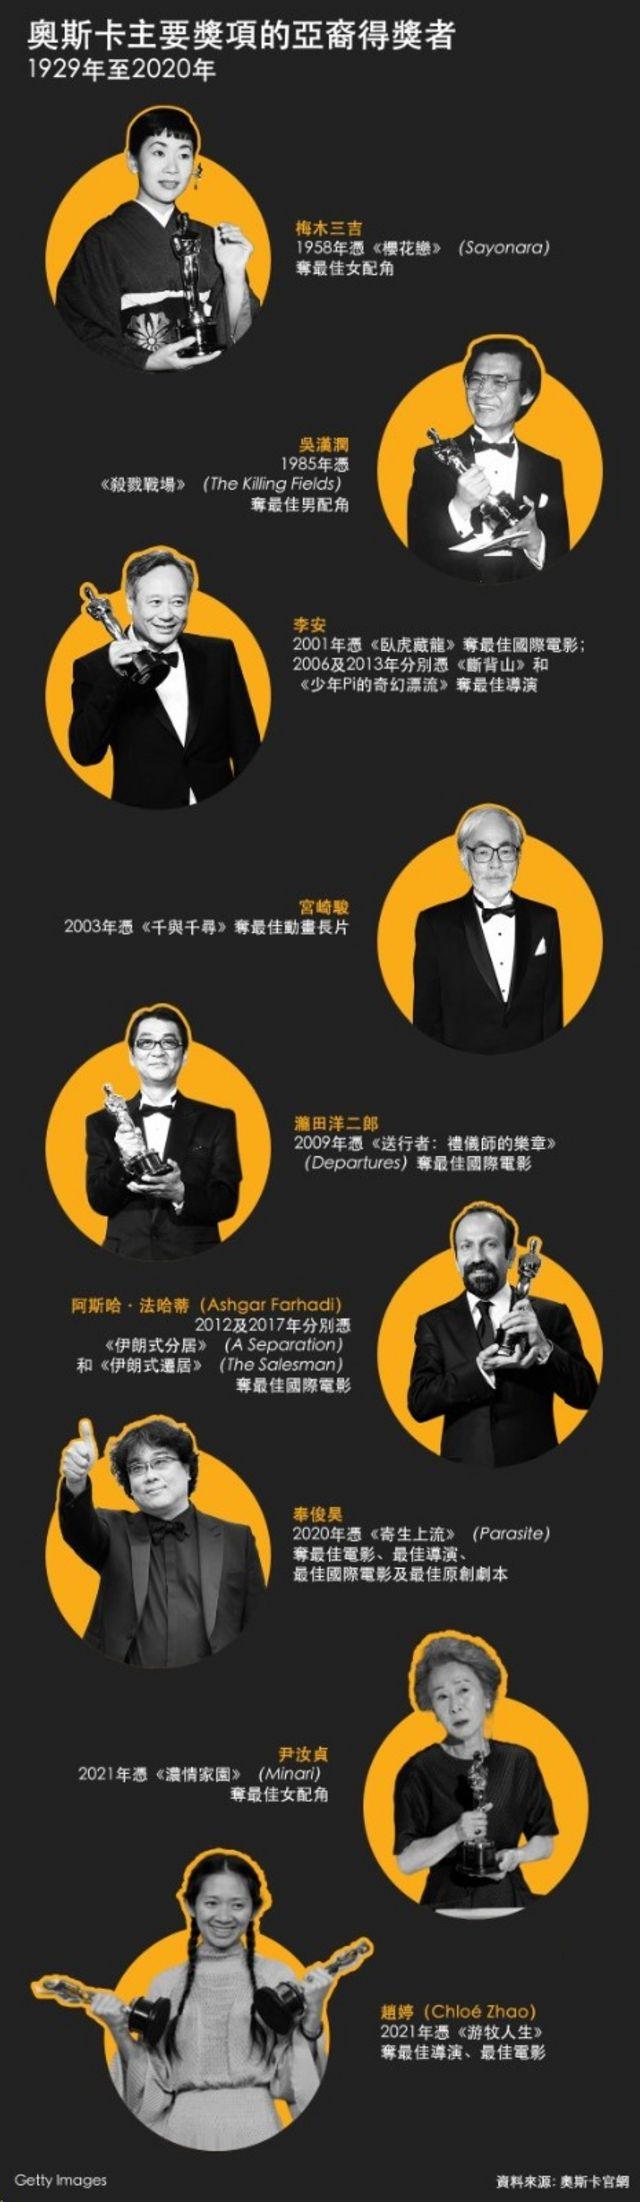 奥斯卡:赵婷和之前的亚洲获奖者有何异同(组图)